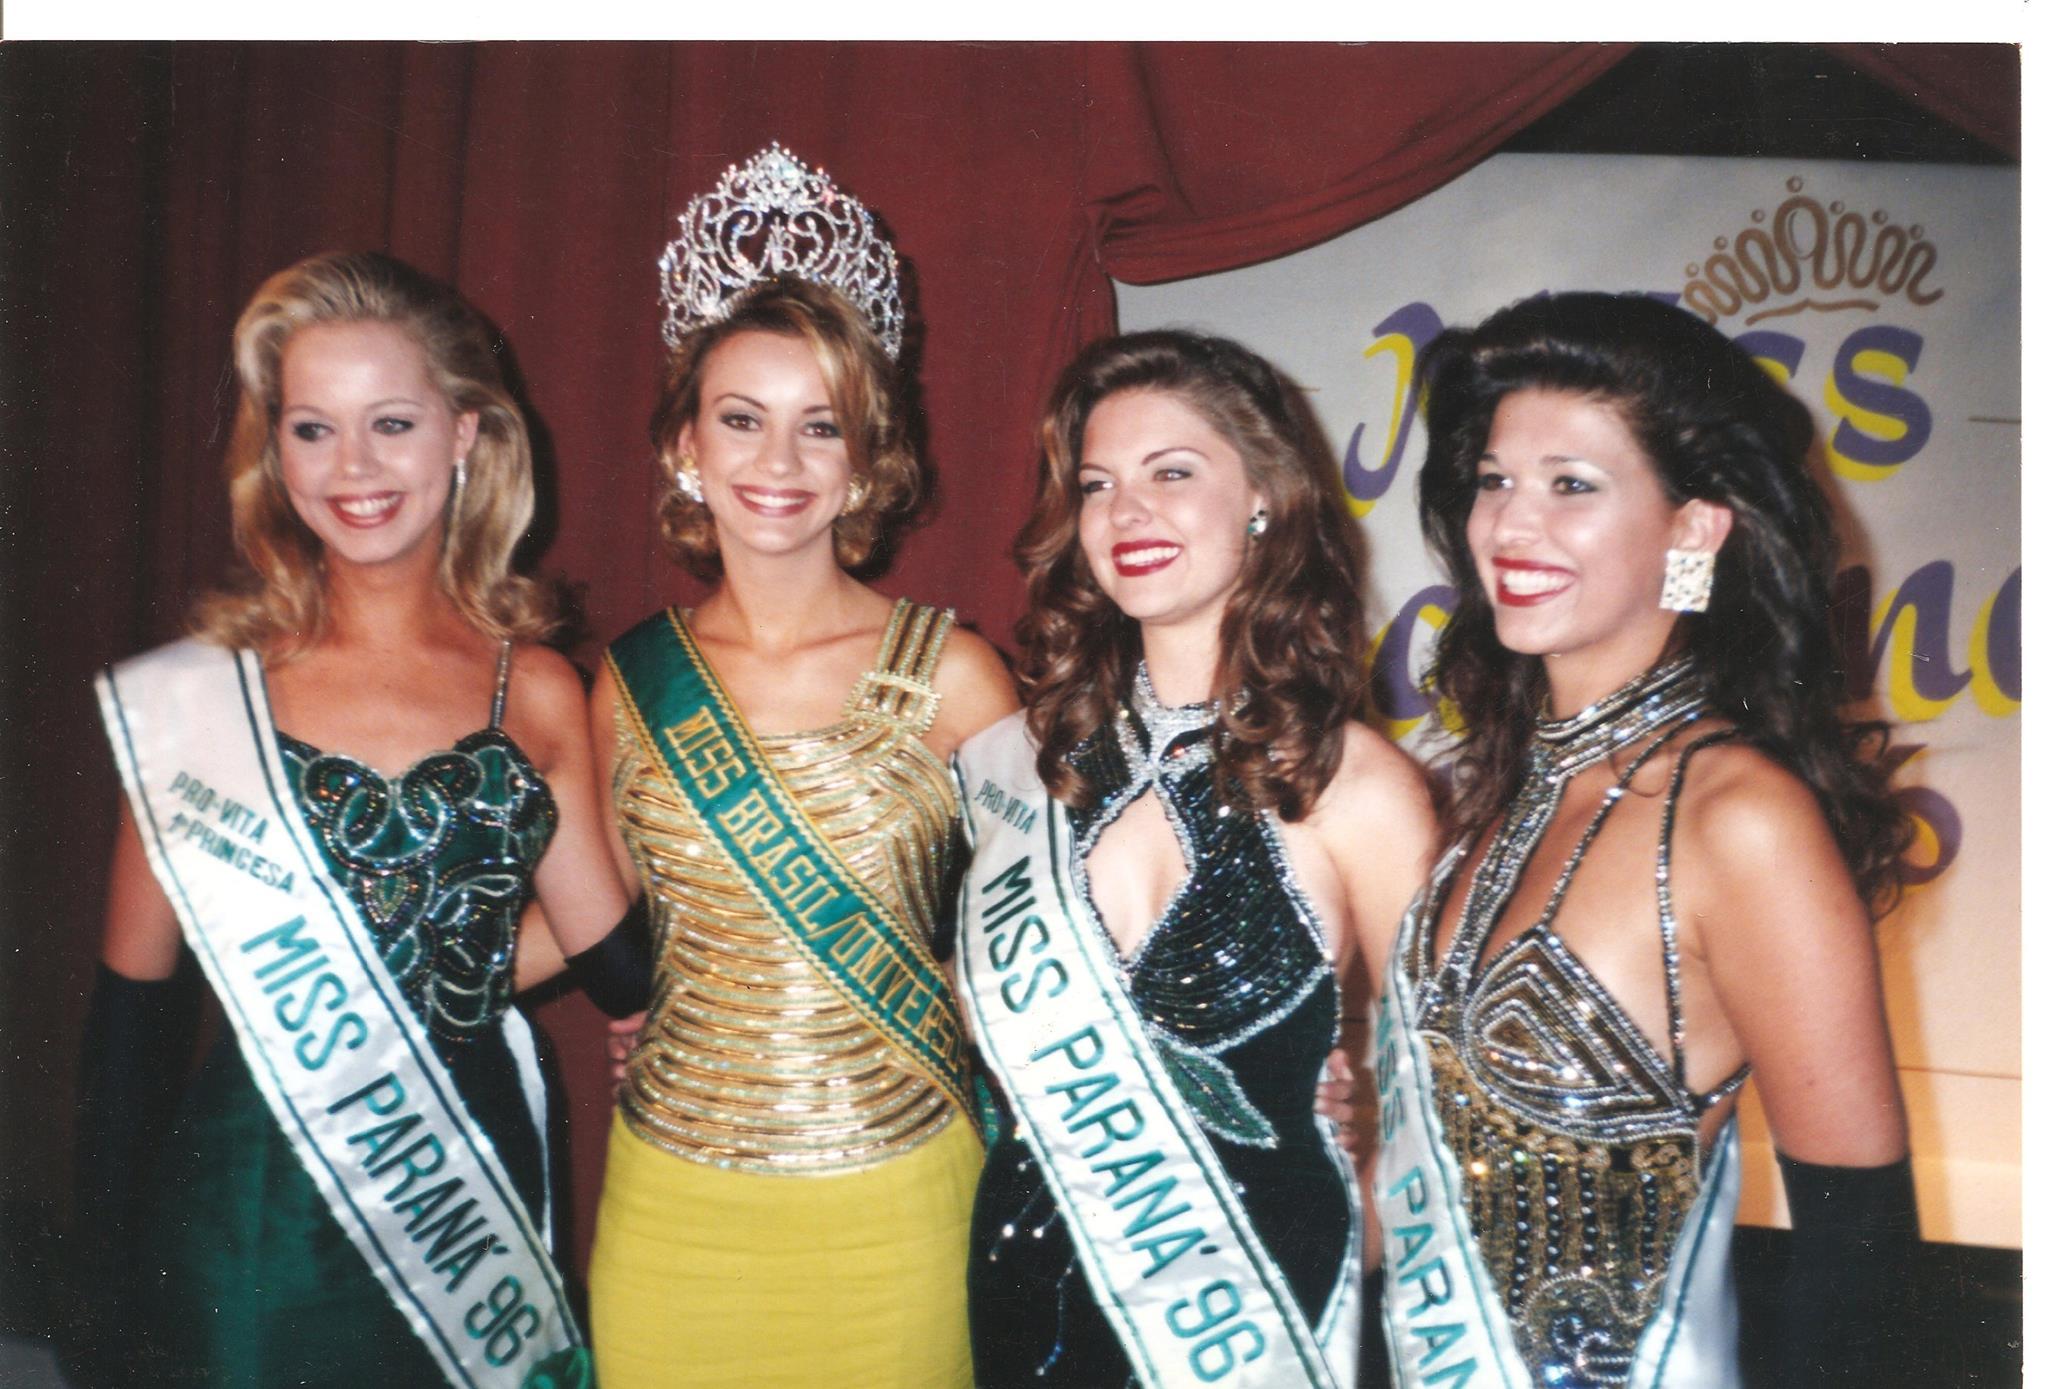 miss brasil 1996, maria joana parizotto. H9k9lbqx